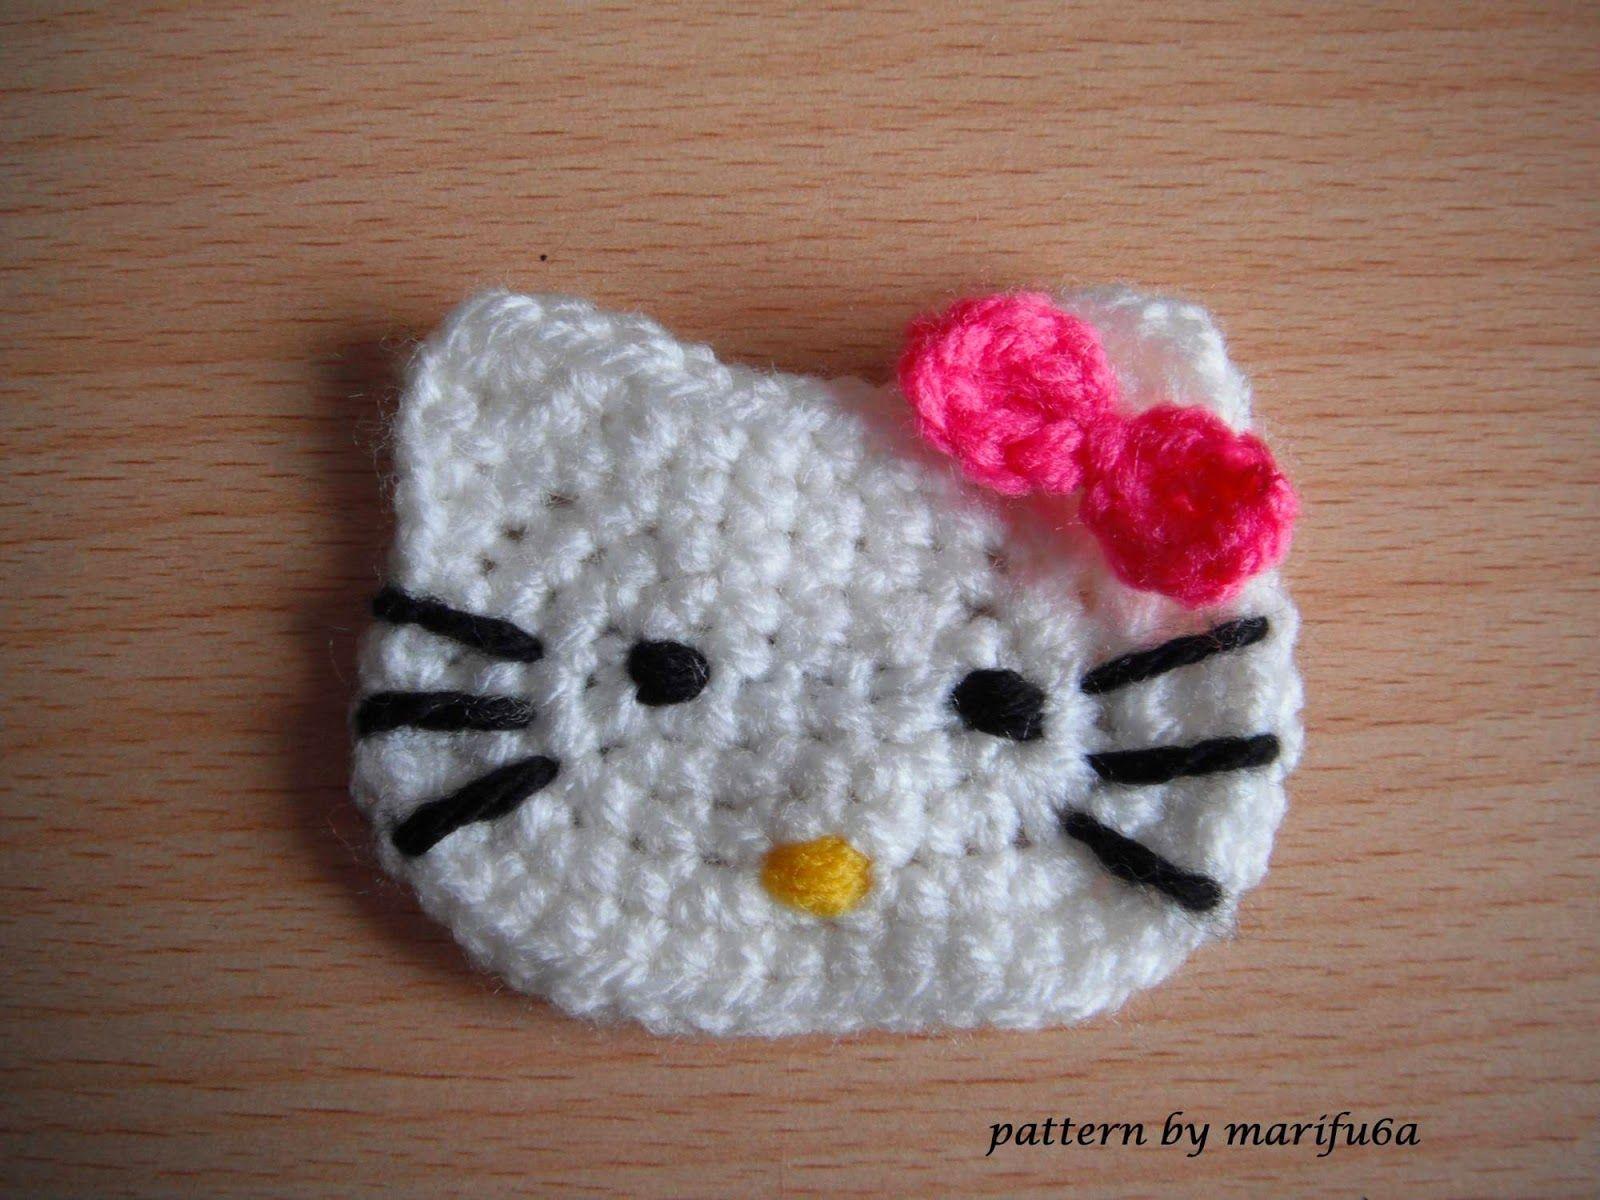 patrones de ganchillo y tutoriales en vídeo gratuito: cómo crochet ...